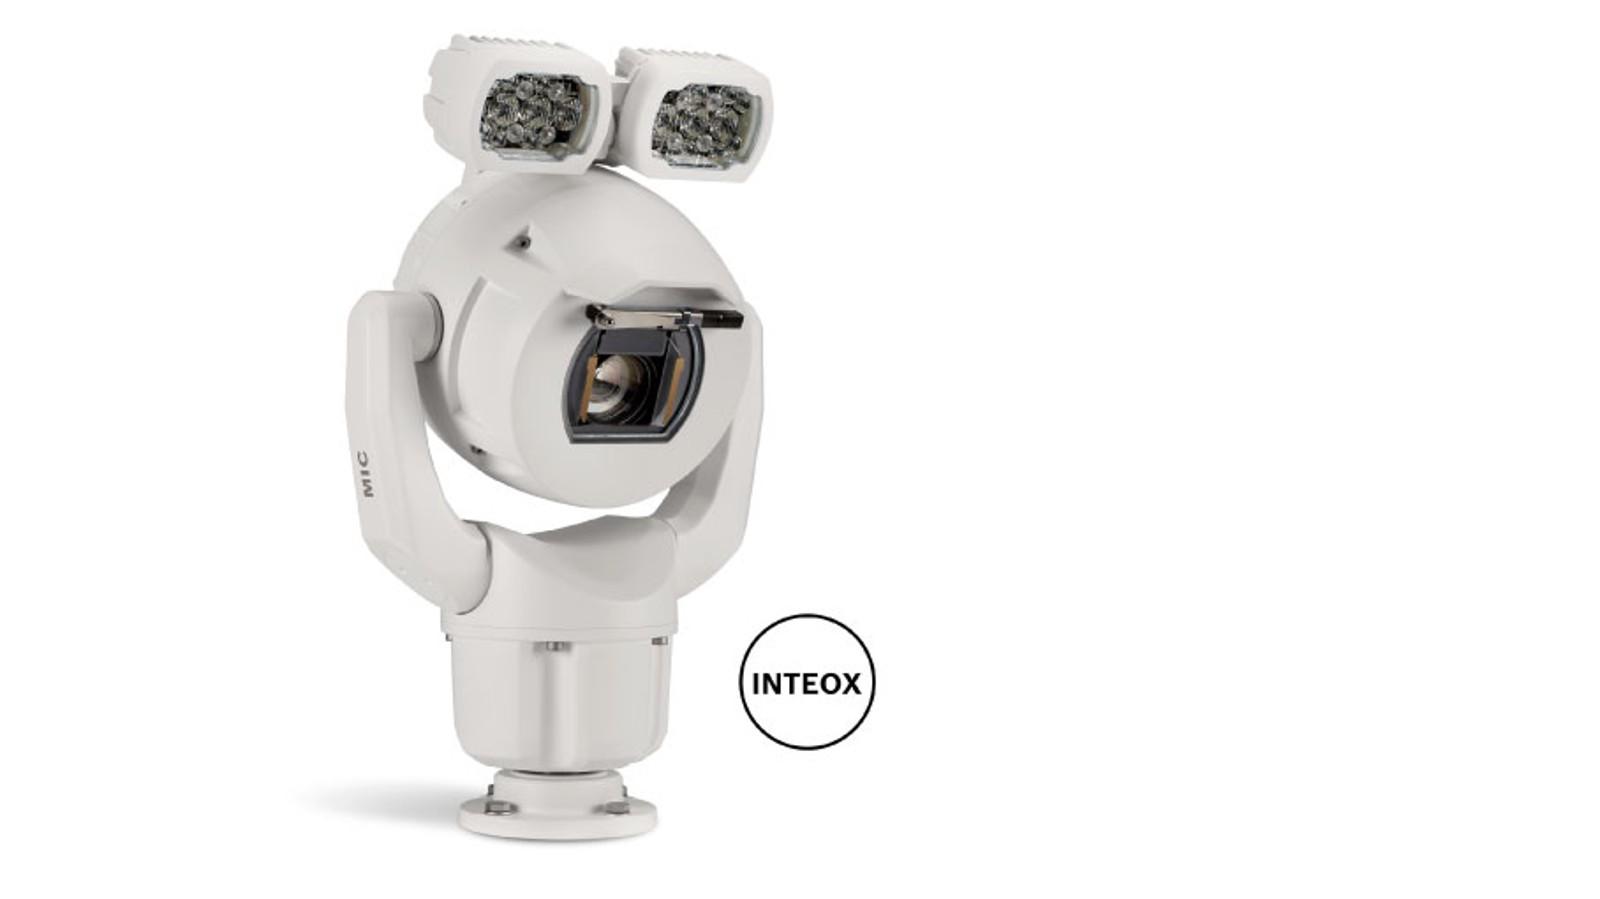 Inteox - otvorená kamerová platforma umožňujúca užívateľom využívať vstavanú umelú inteligenciu.